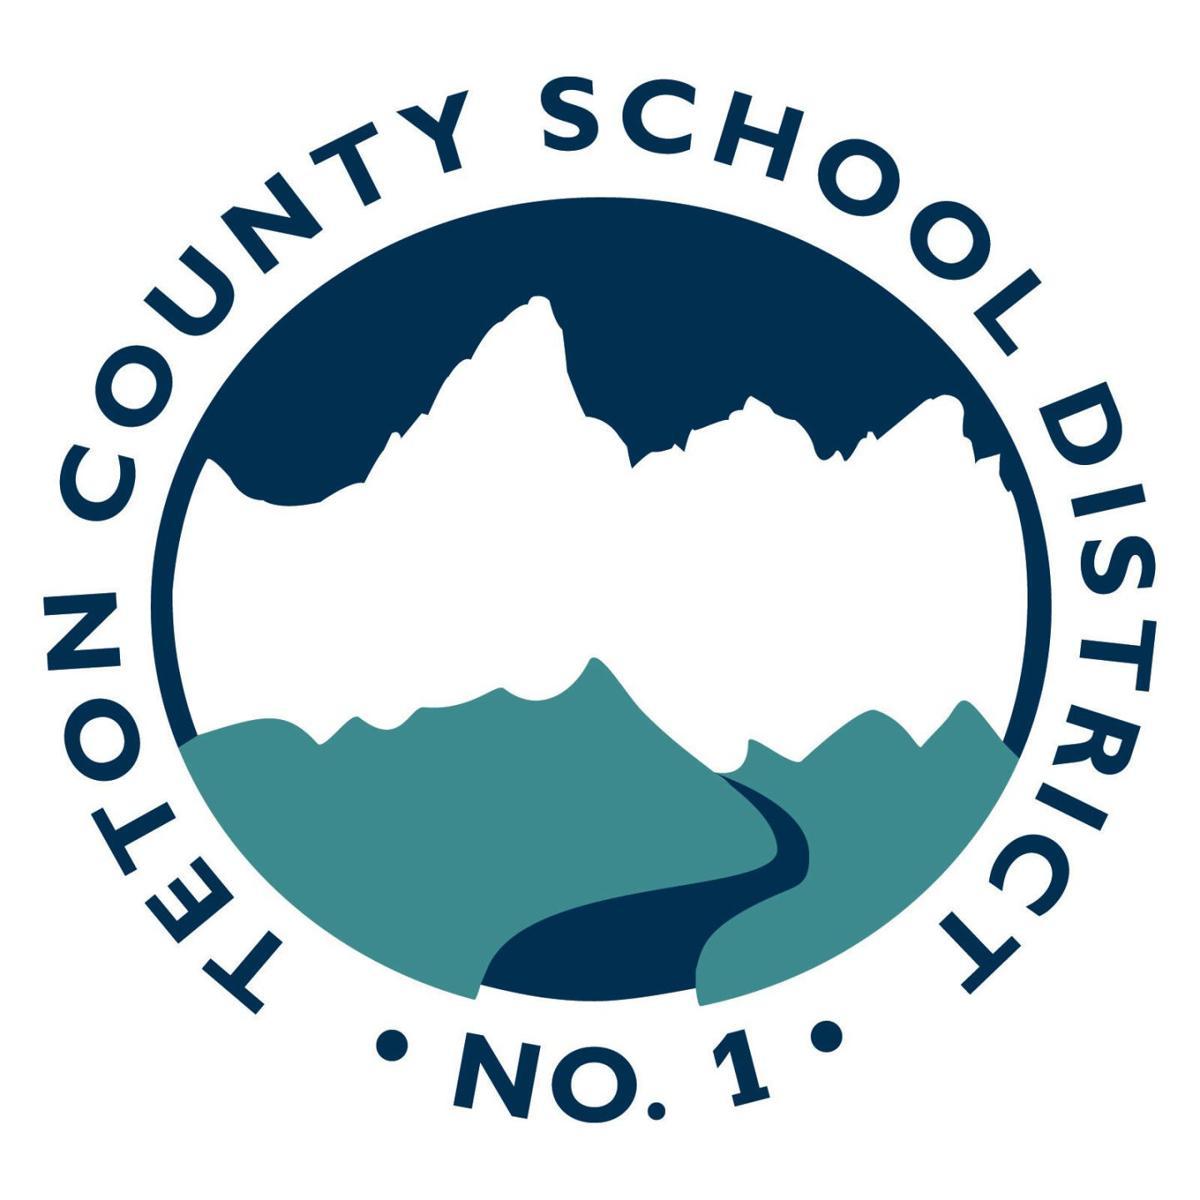 Teton School District No.1 logo